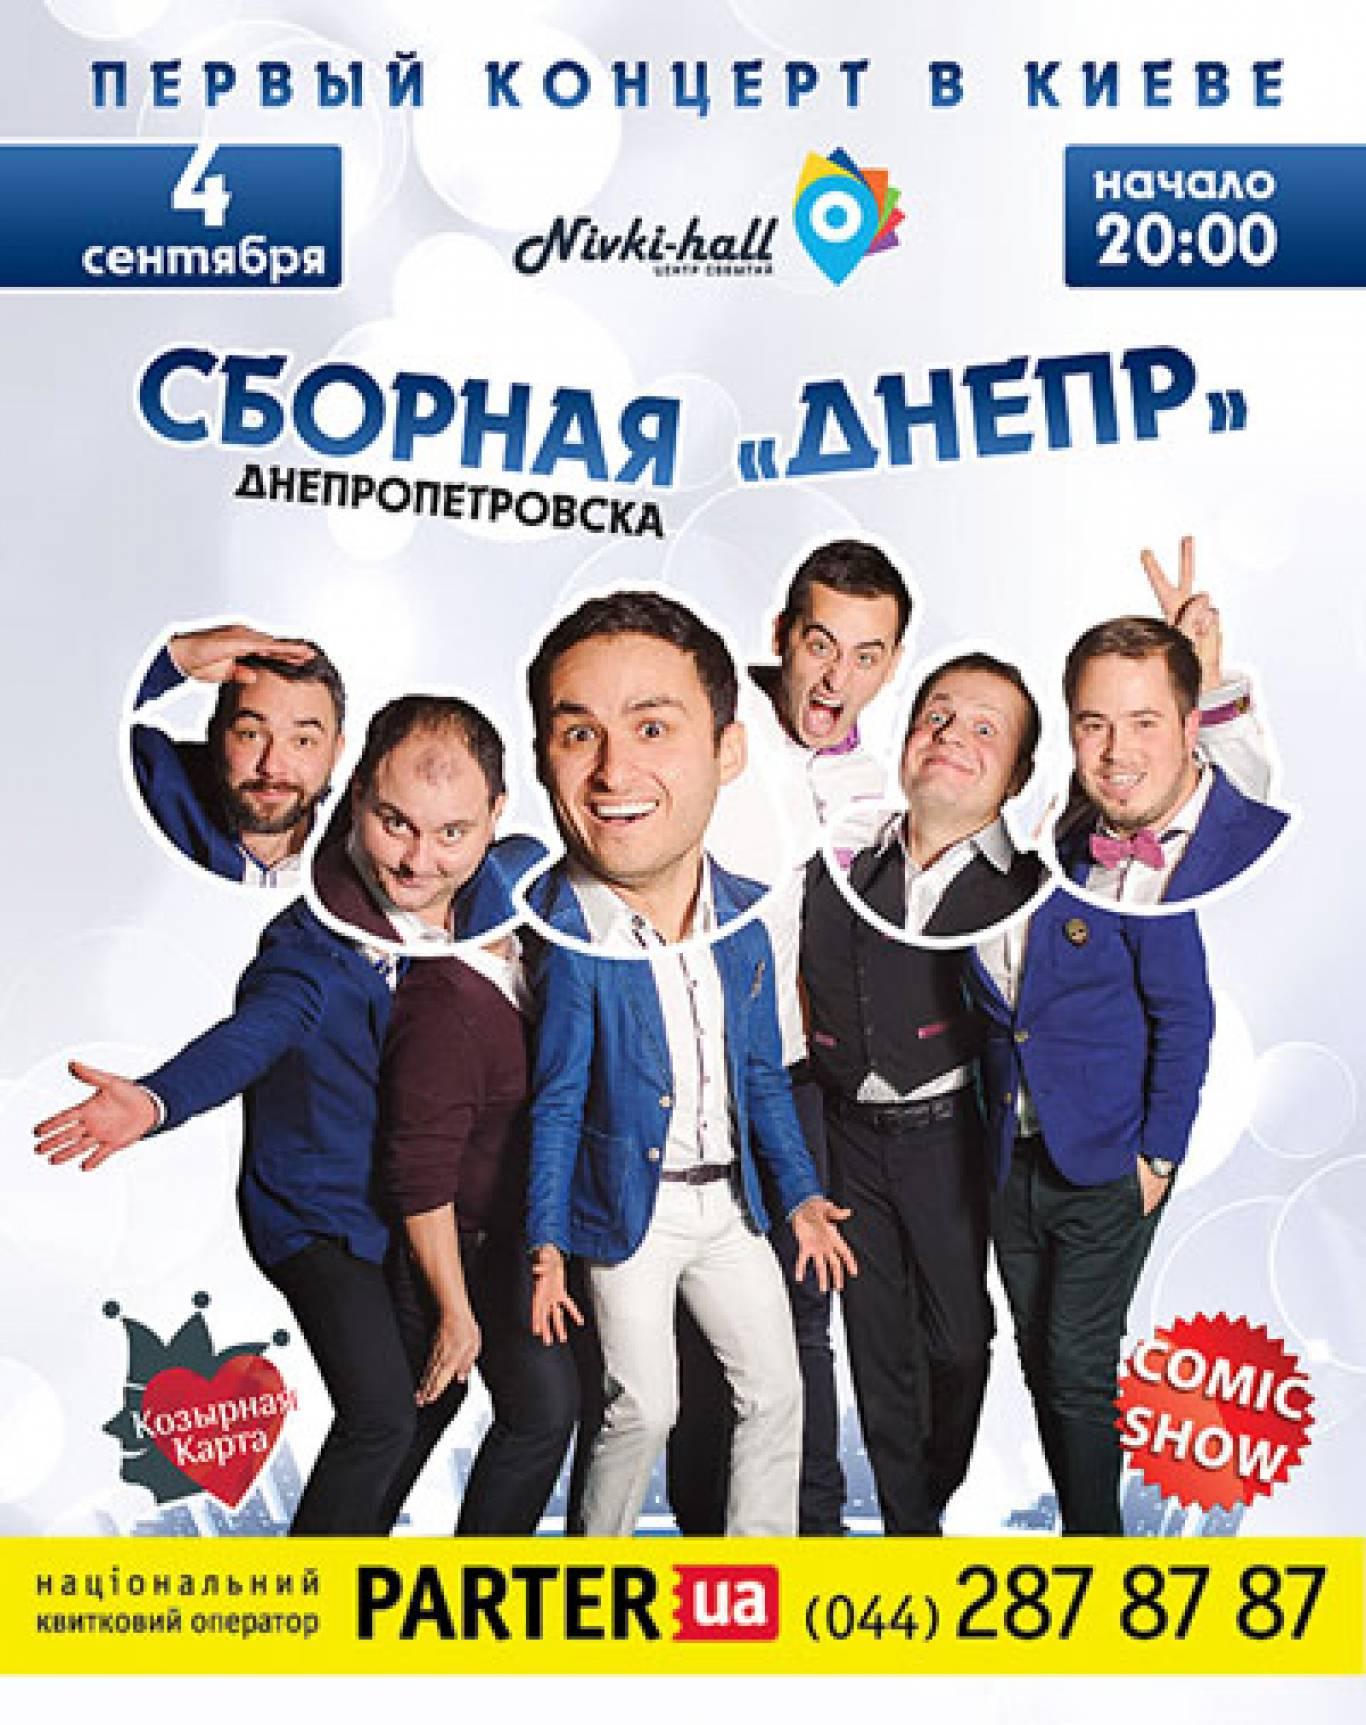 Команда КВН «Дніпро»: перший концерт у Києві